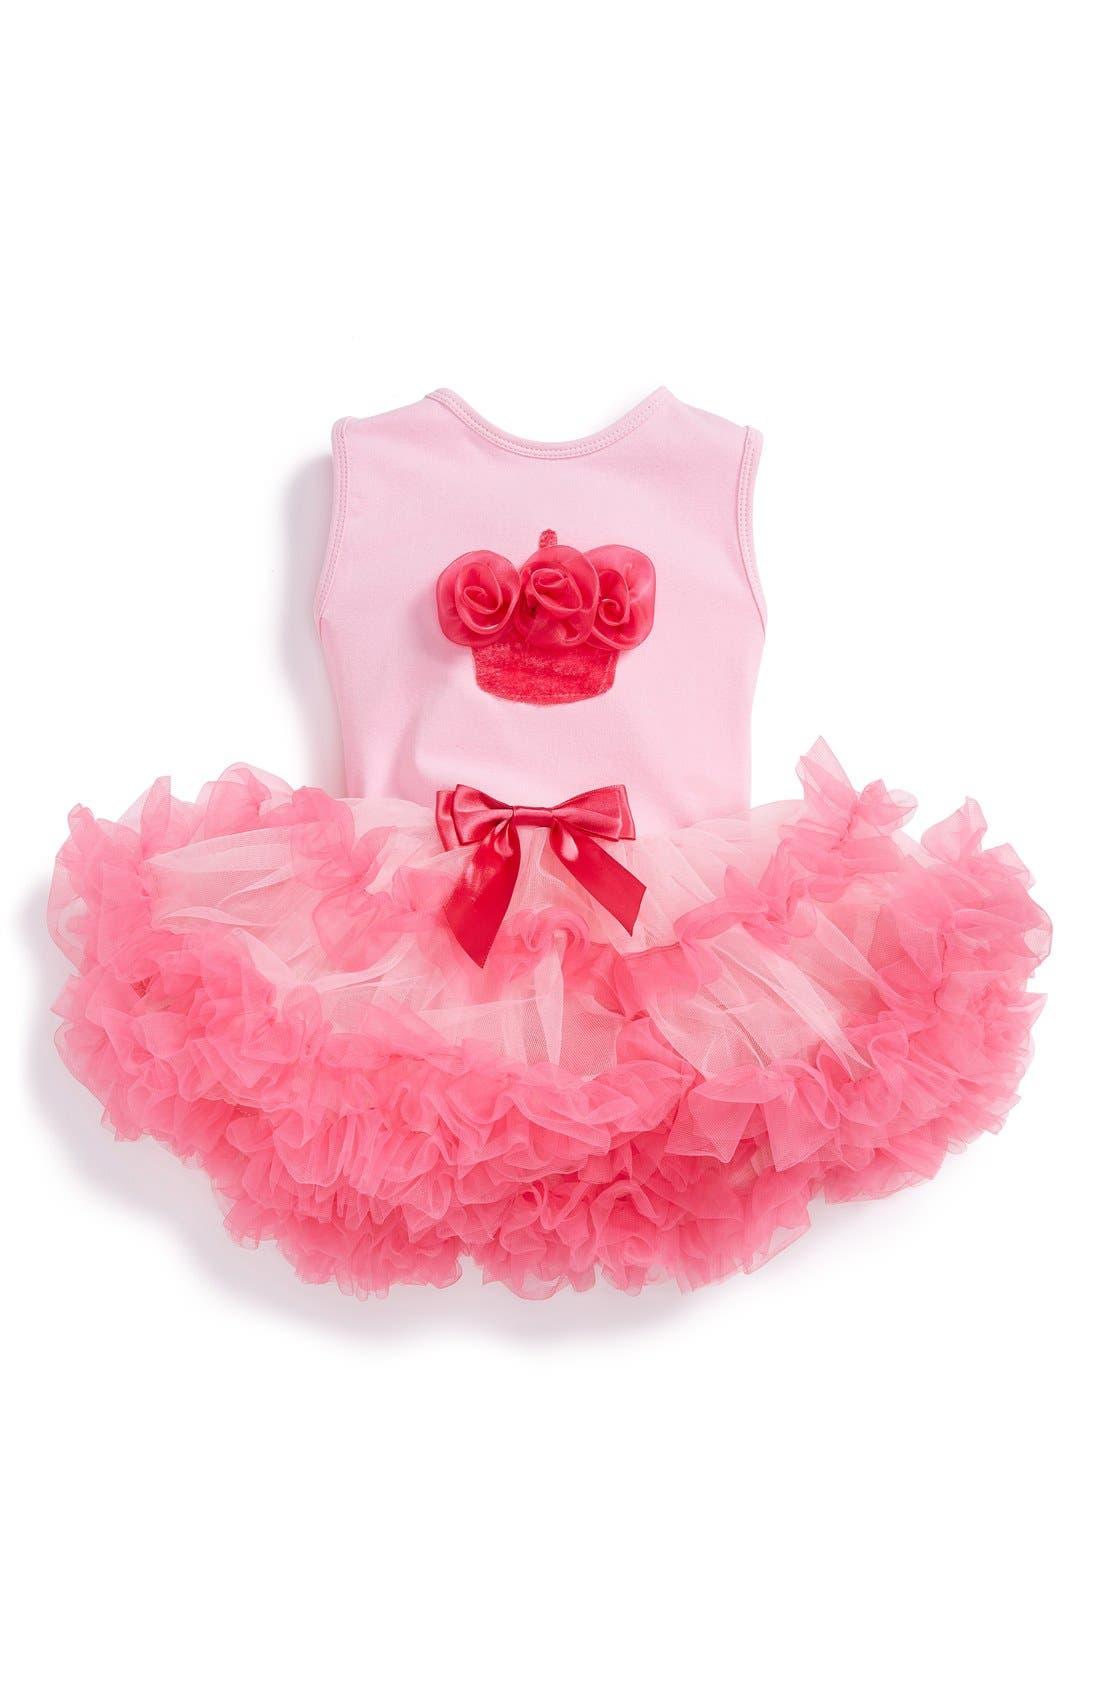 Main Image - Popatu 'Birthday' Sleeveless Tutu Dress (Baby Girls)